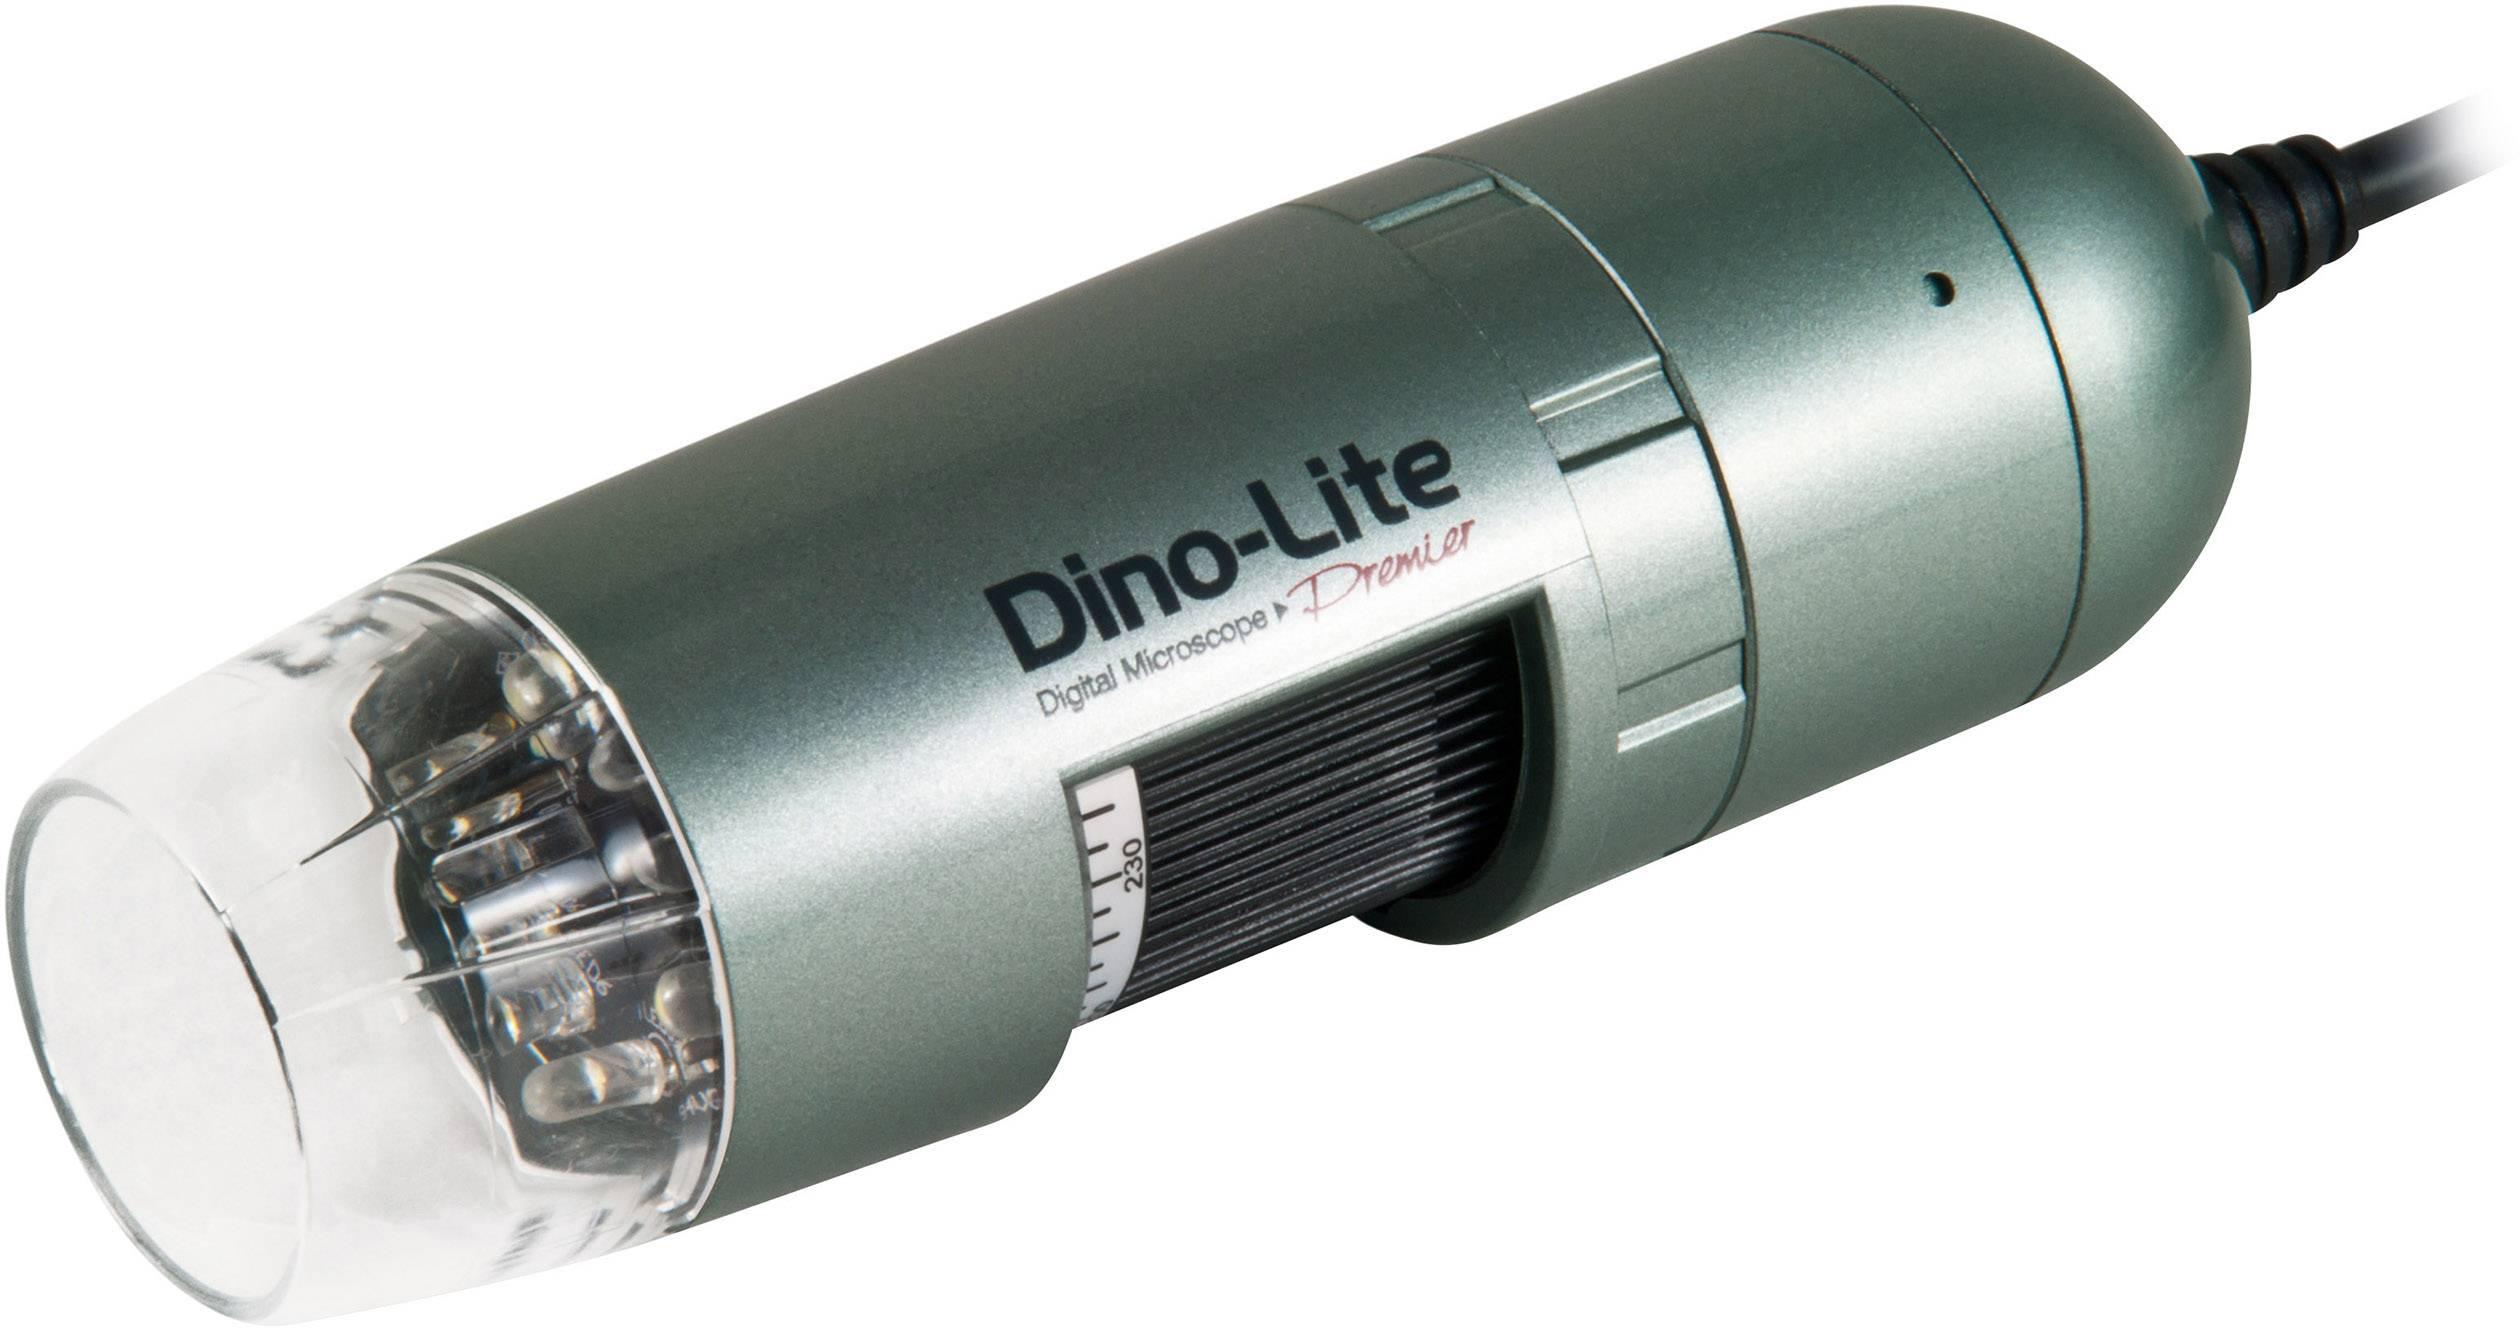 Mikroskop cyfrowy usb dino lite am3113t 0.3 mpx zamów w conrad.pl